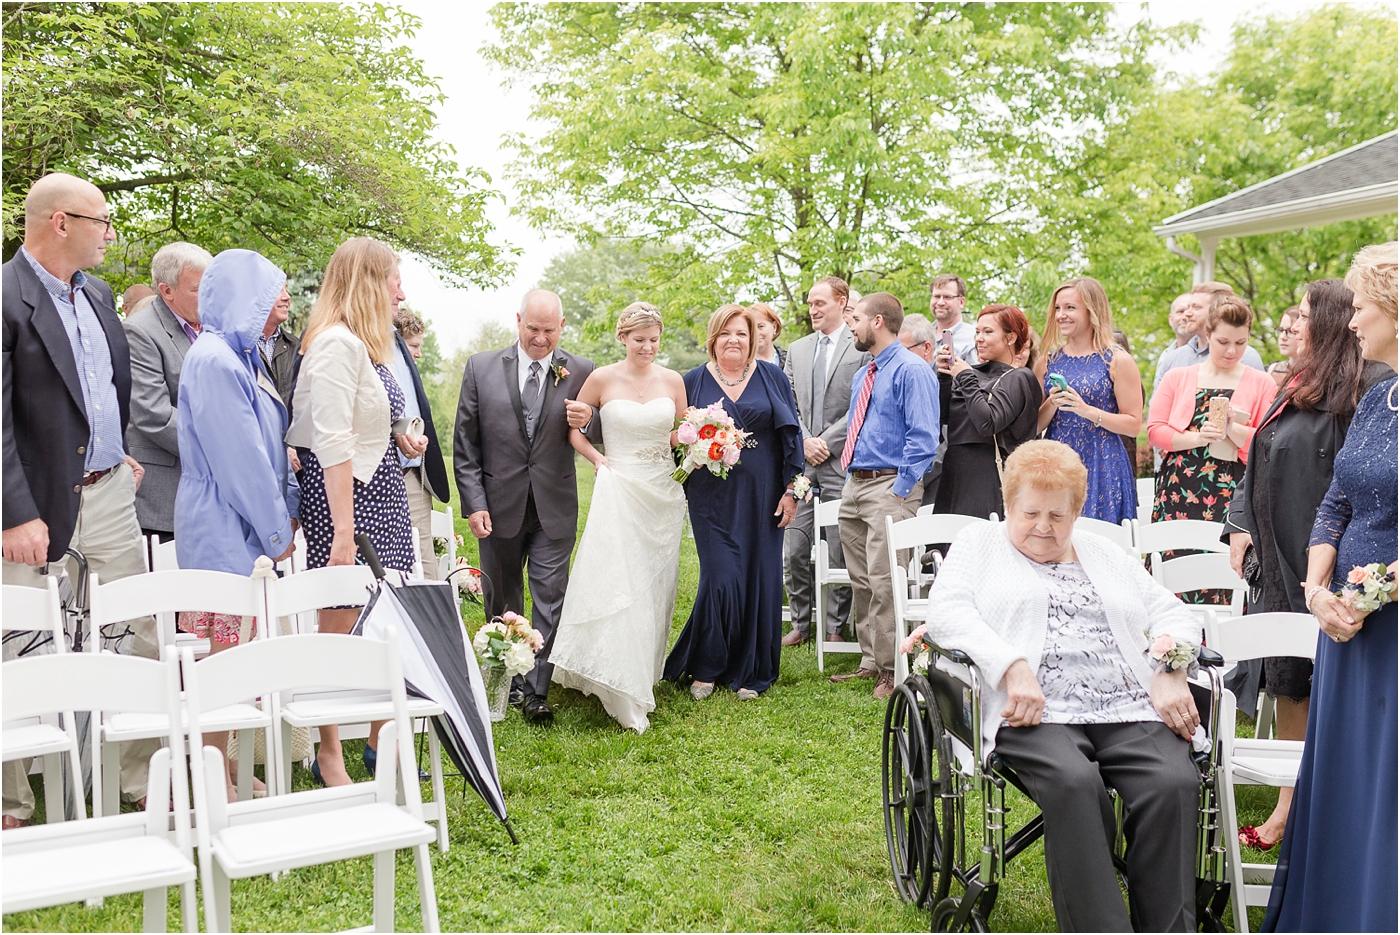 Royer-House-Wedding-Photos-43.jpg